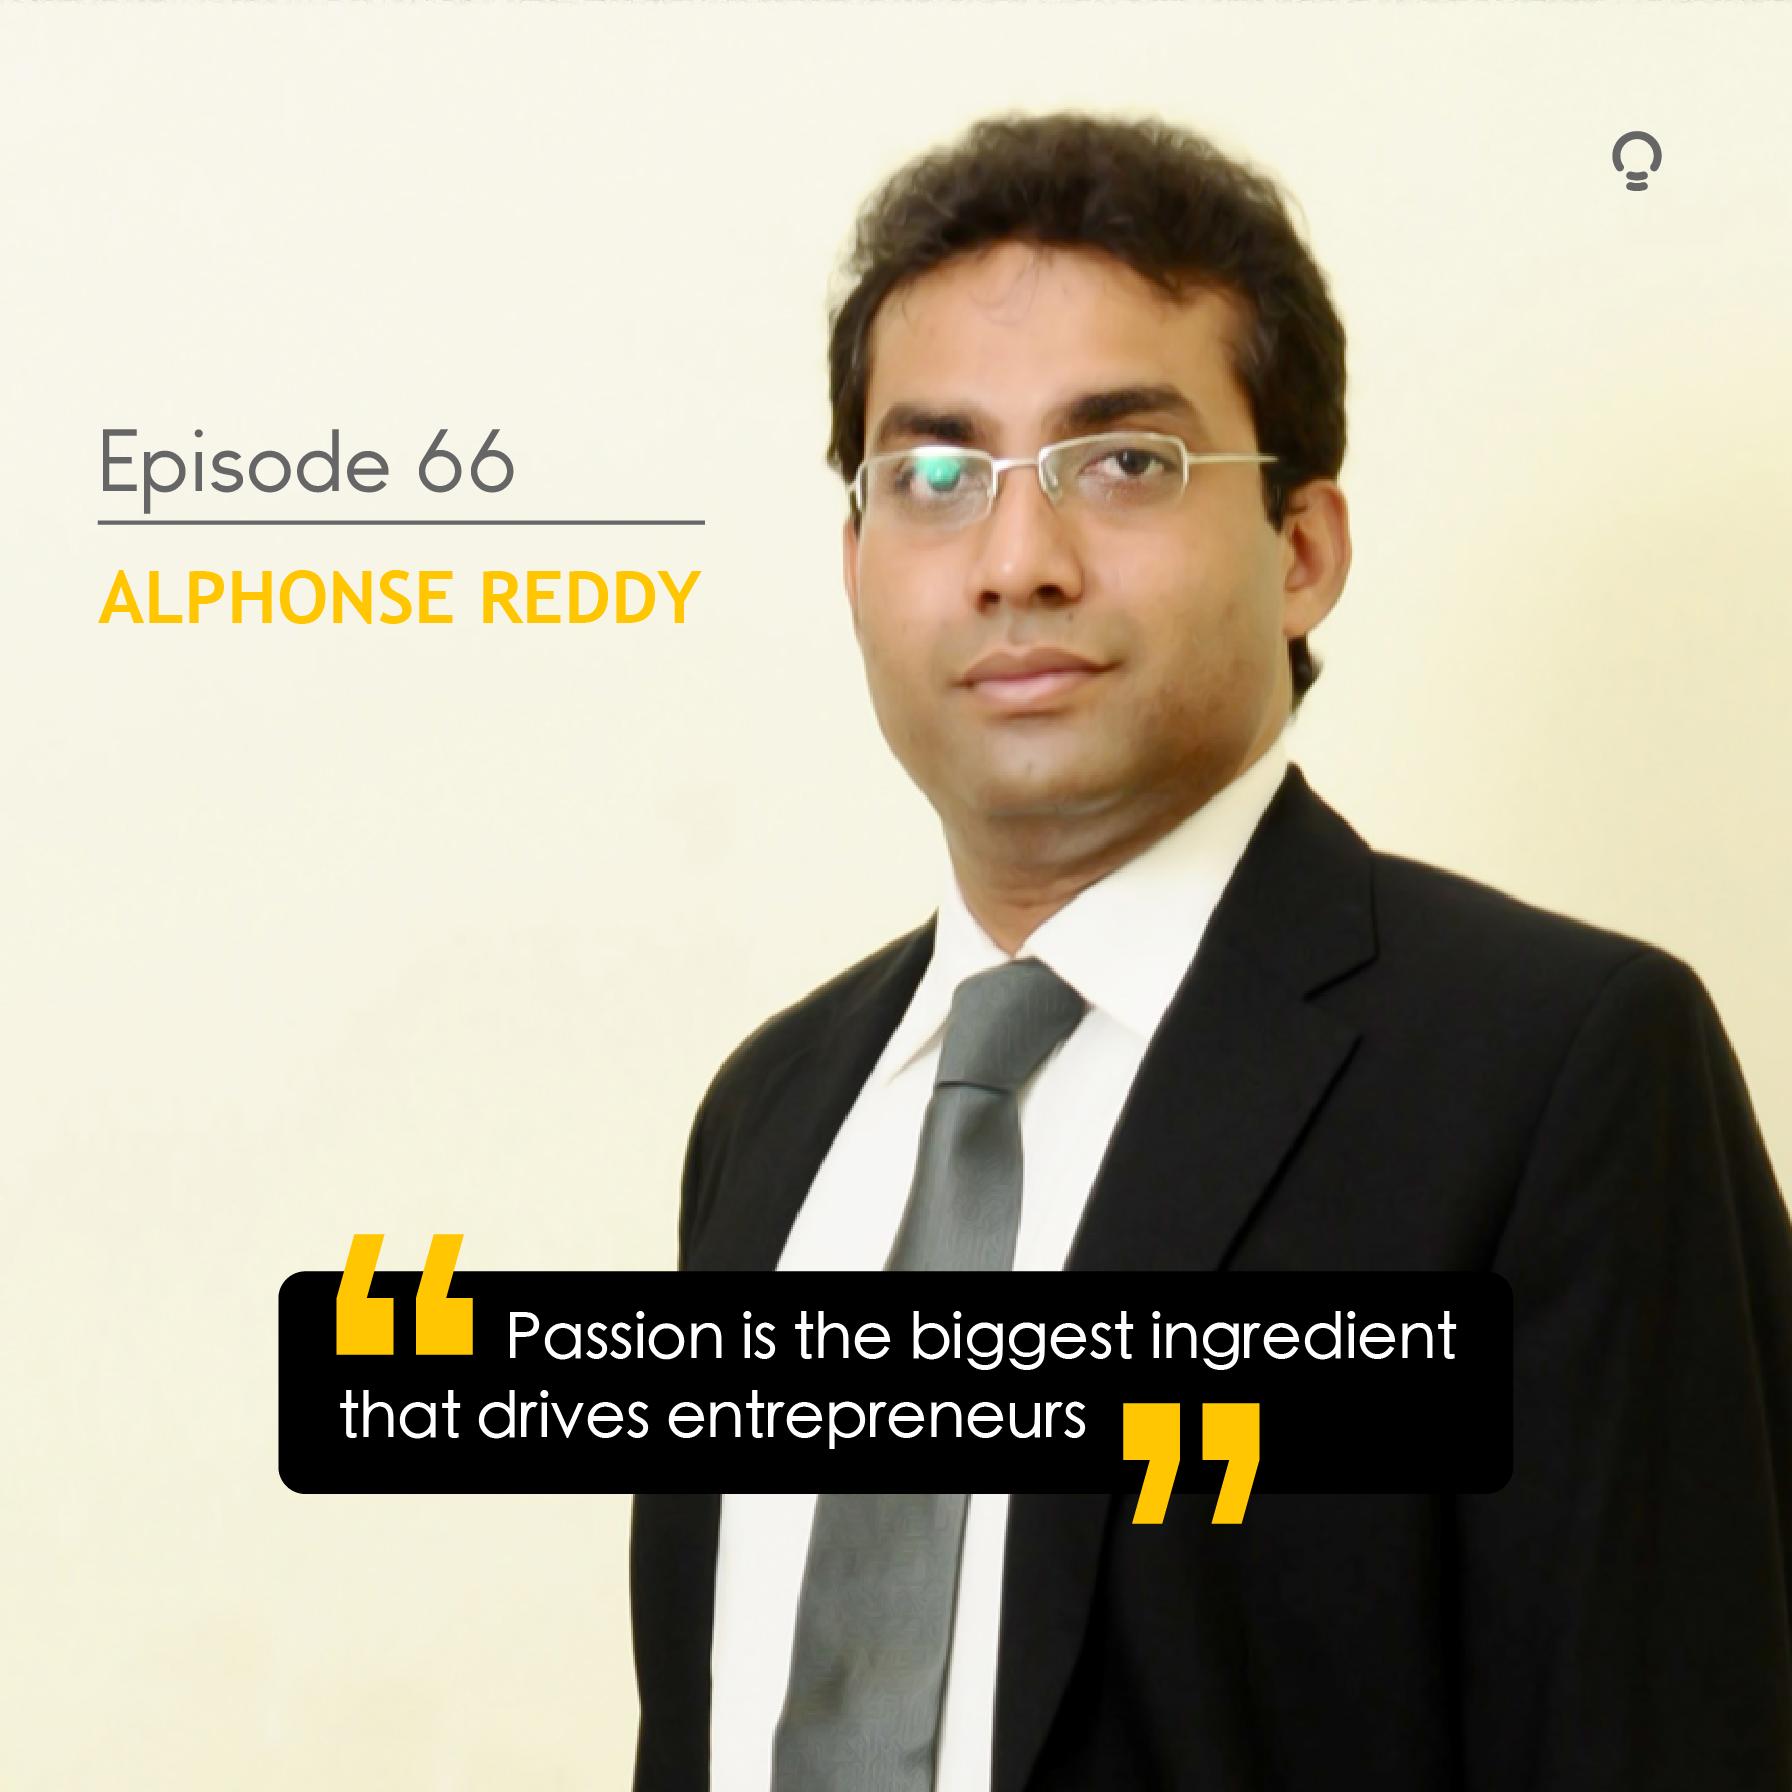 Startup story - Alphonse Reddy